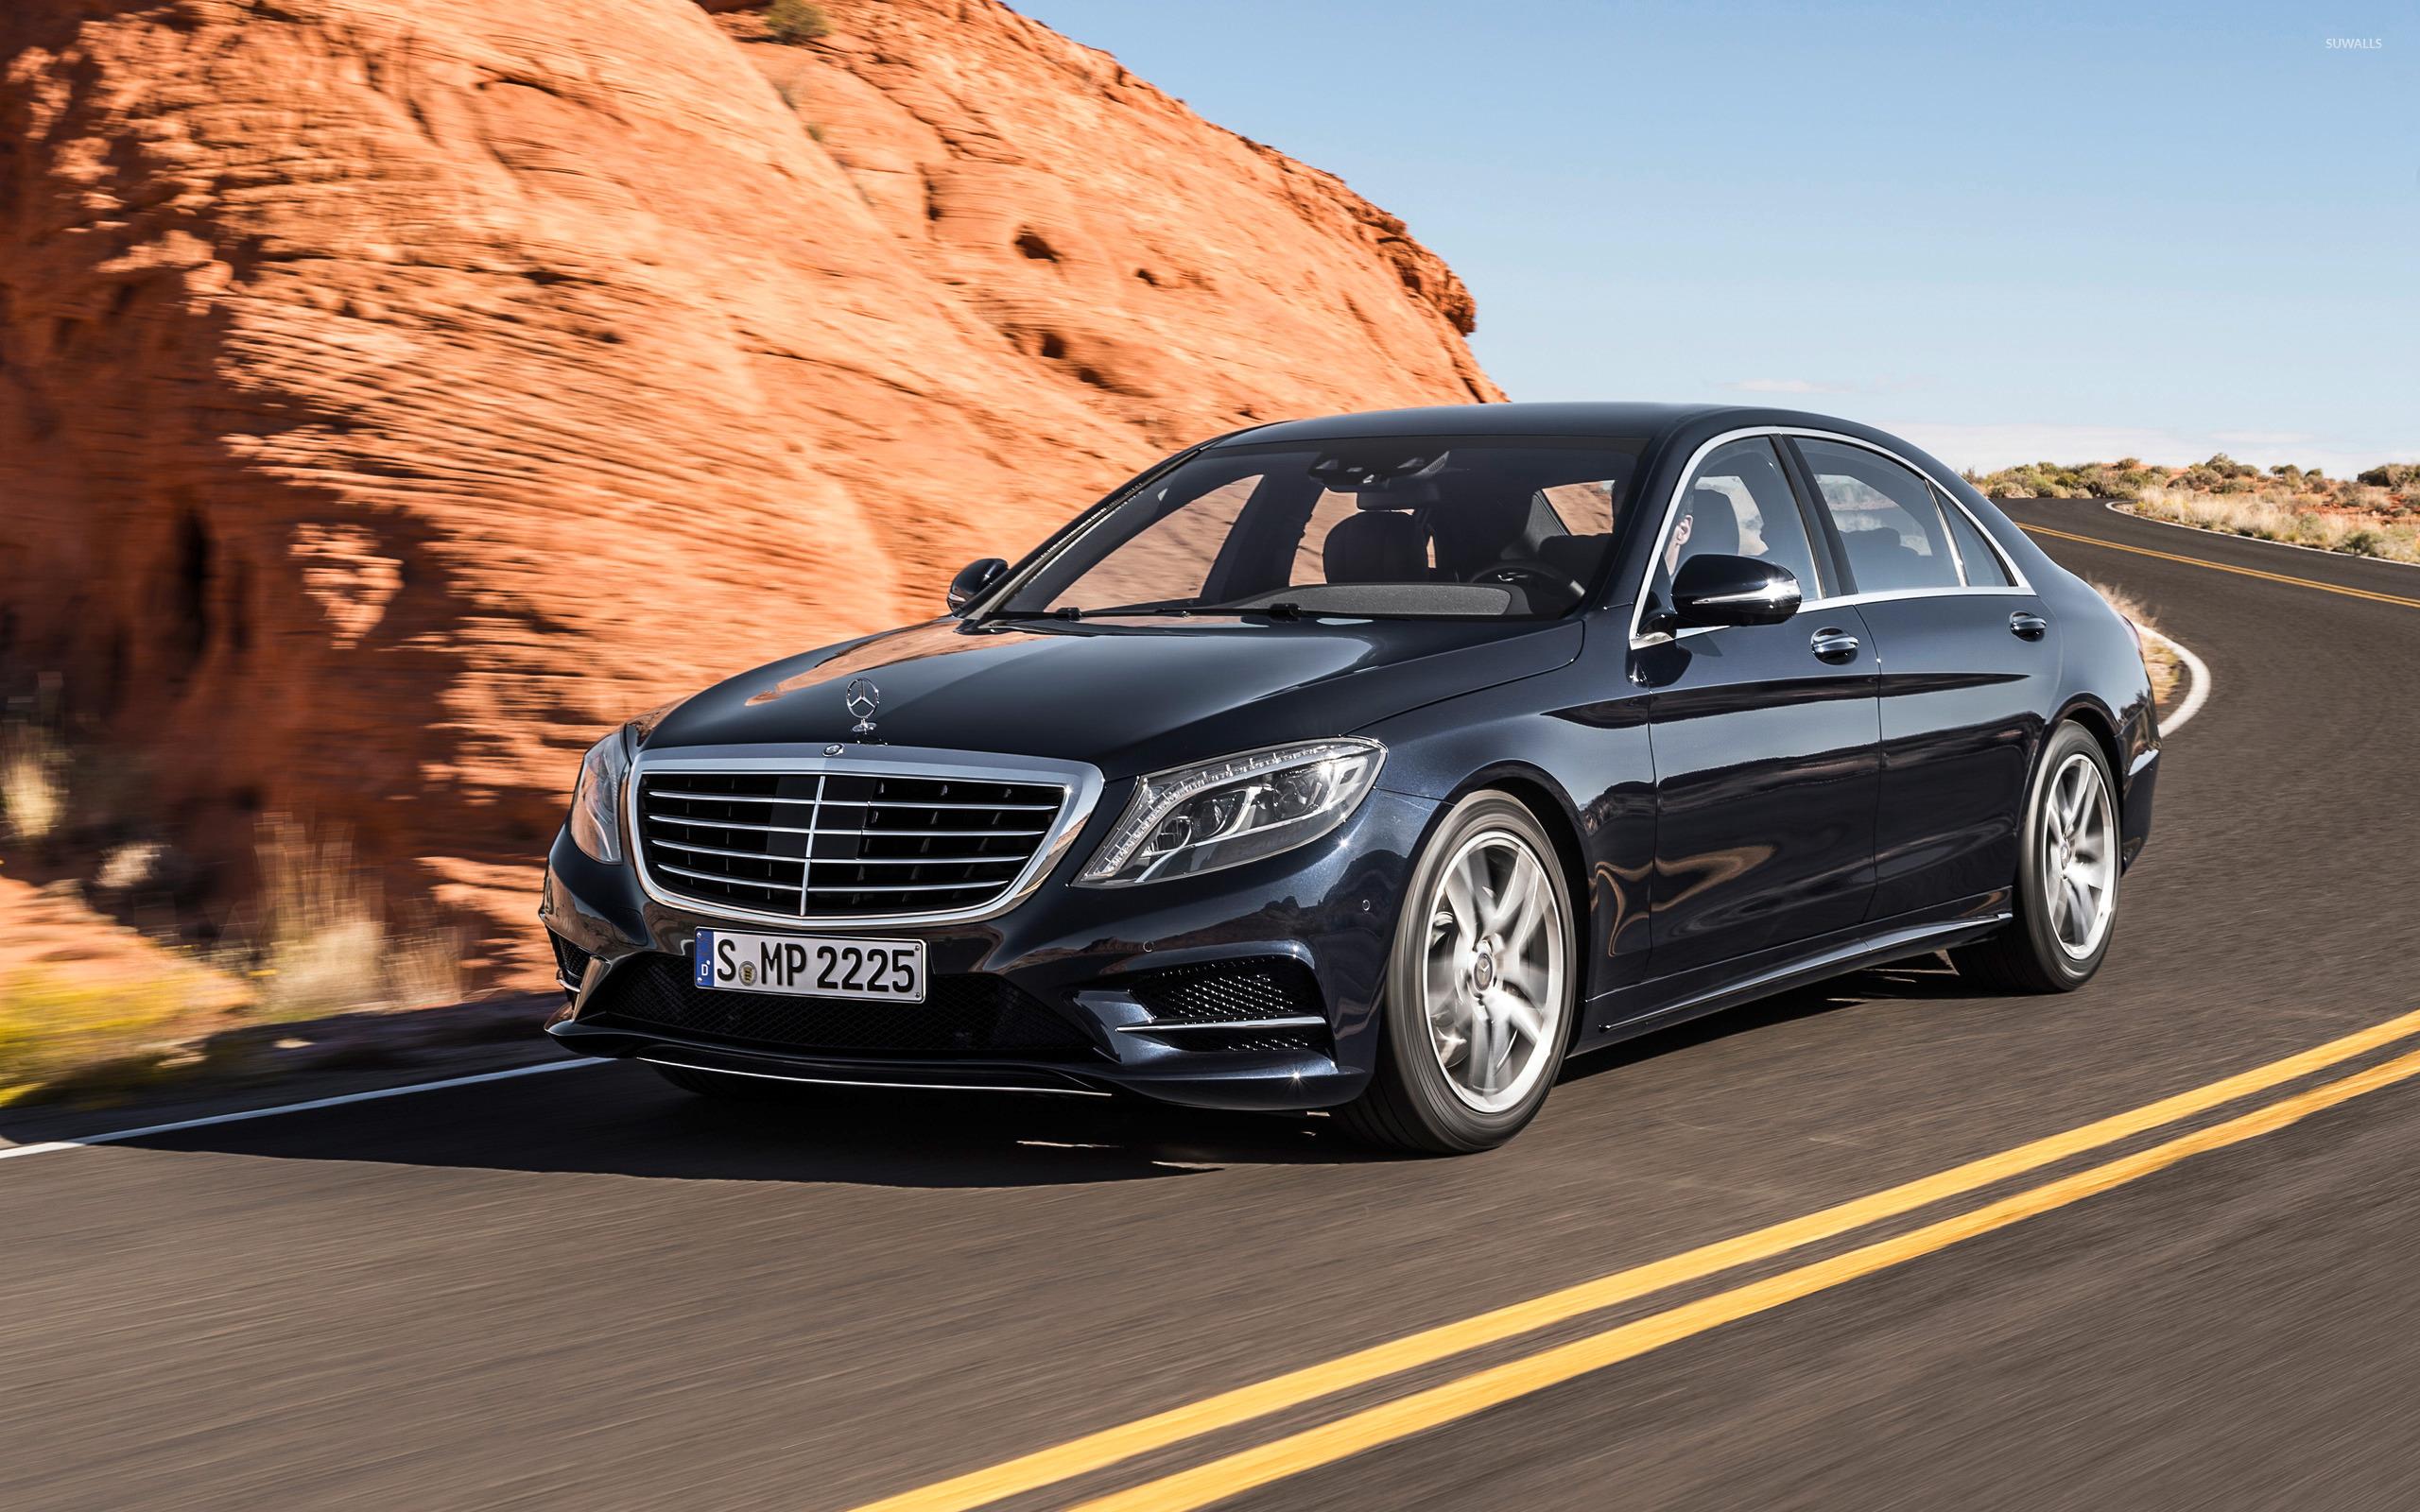 2013 Mercedes-Benz S-Class wallpaper ...